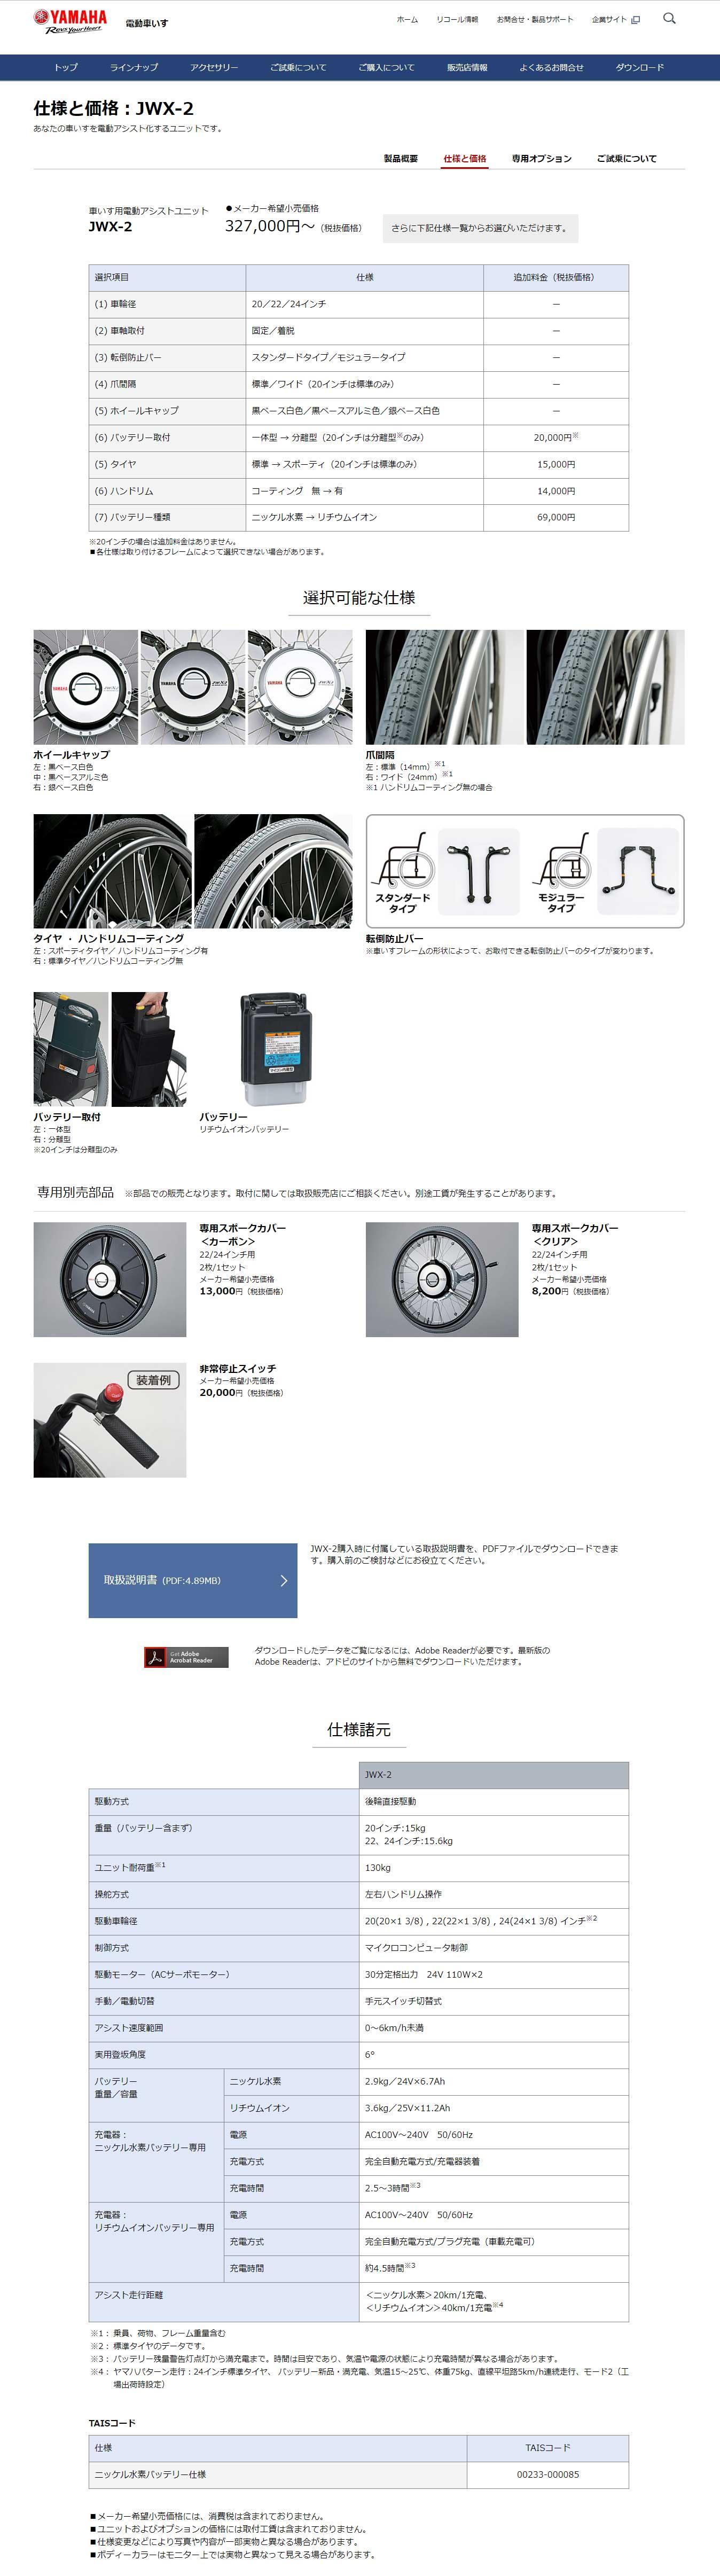 【福祉機器】手動車いす電動ユニット【アタッチメント編】JWX-2-2